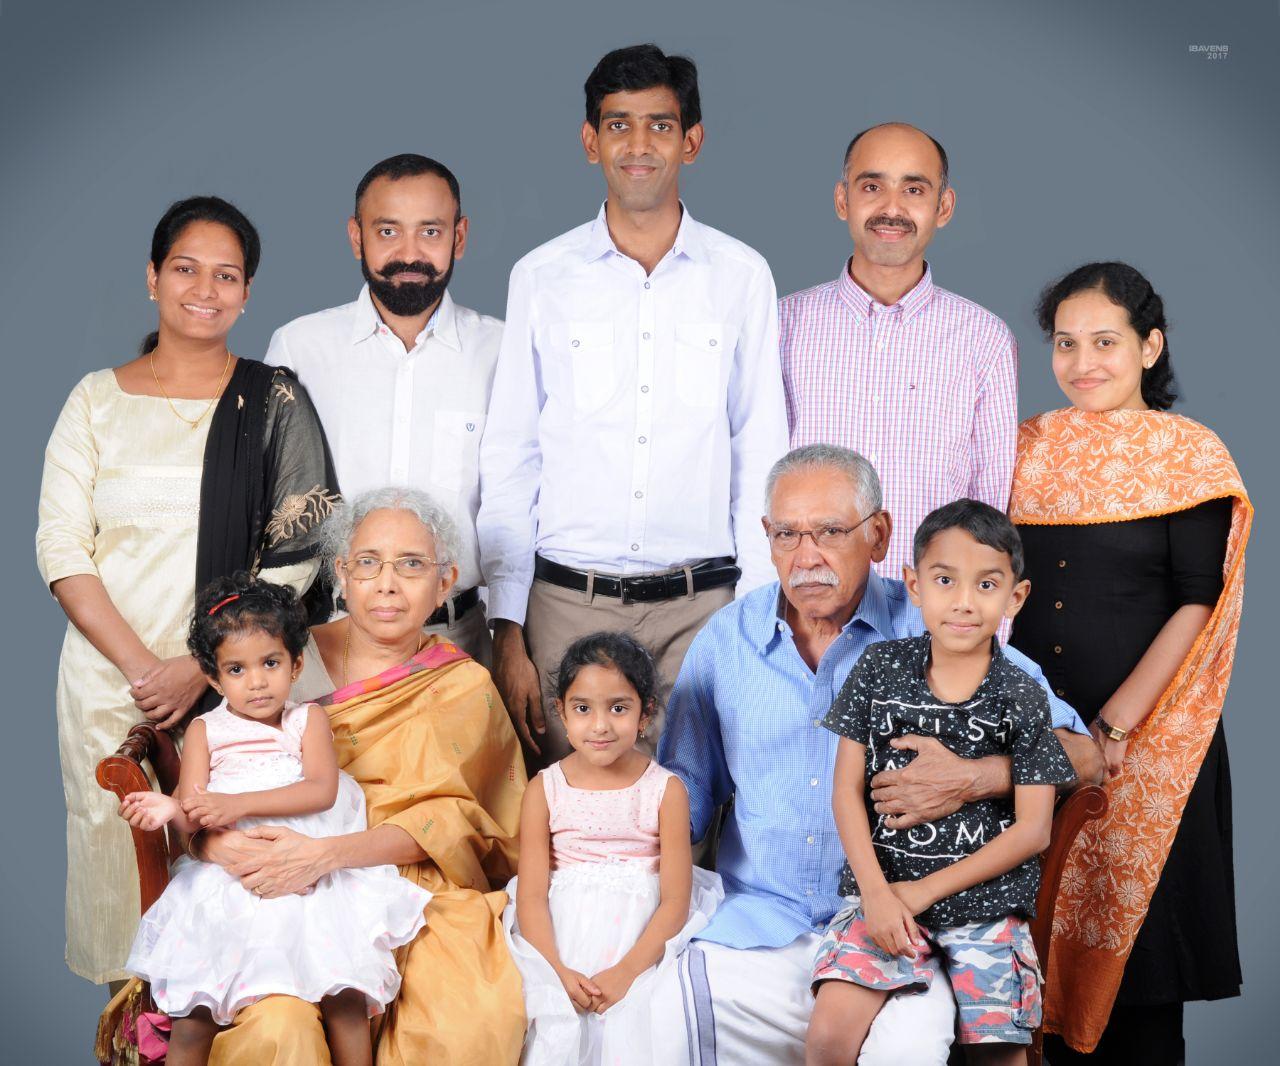 Kuruvila Sankoorikal family.jpeg